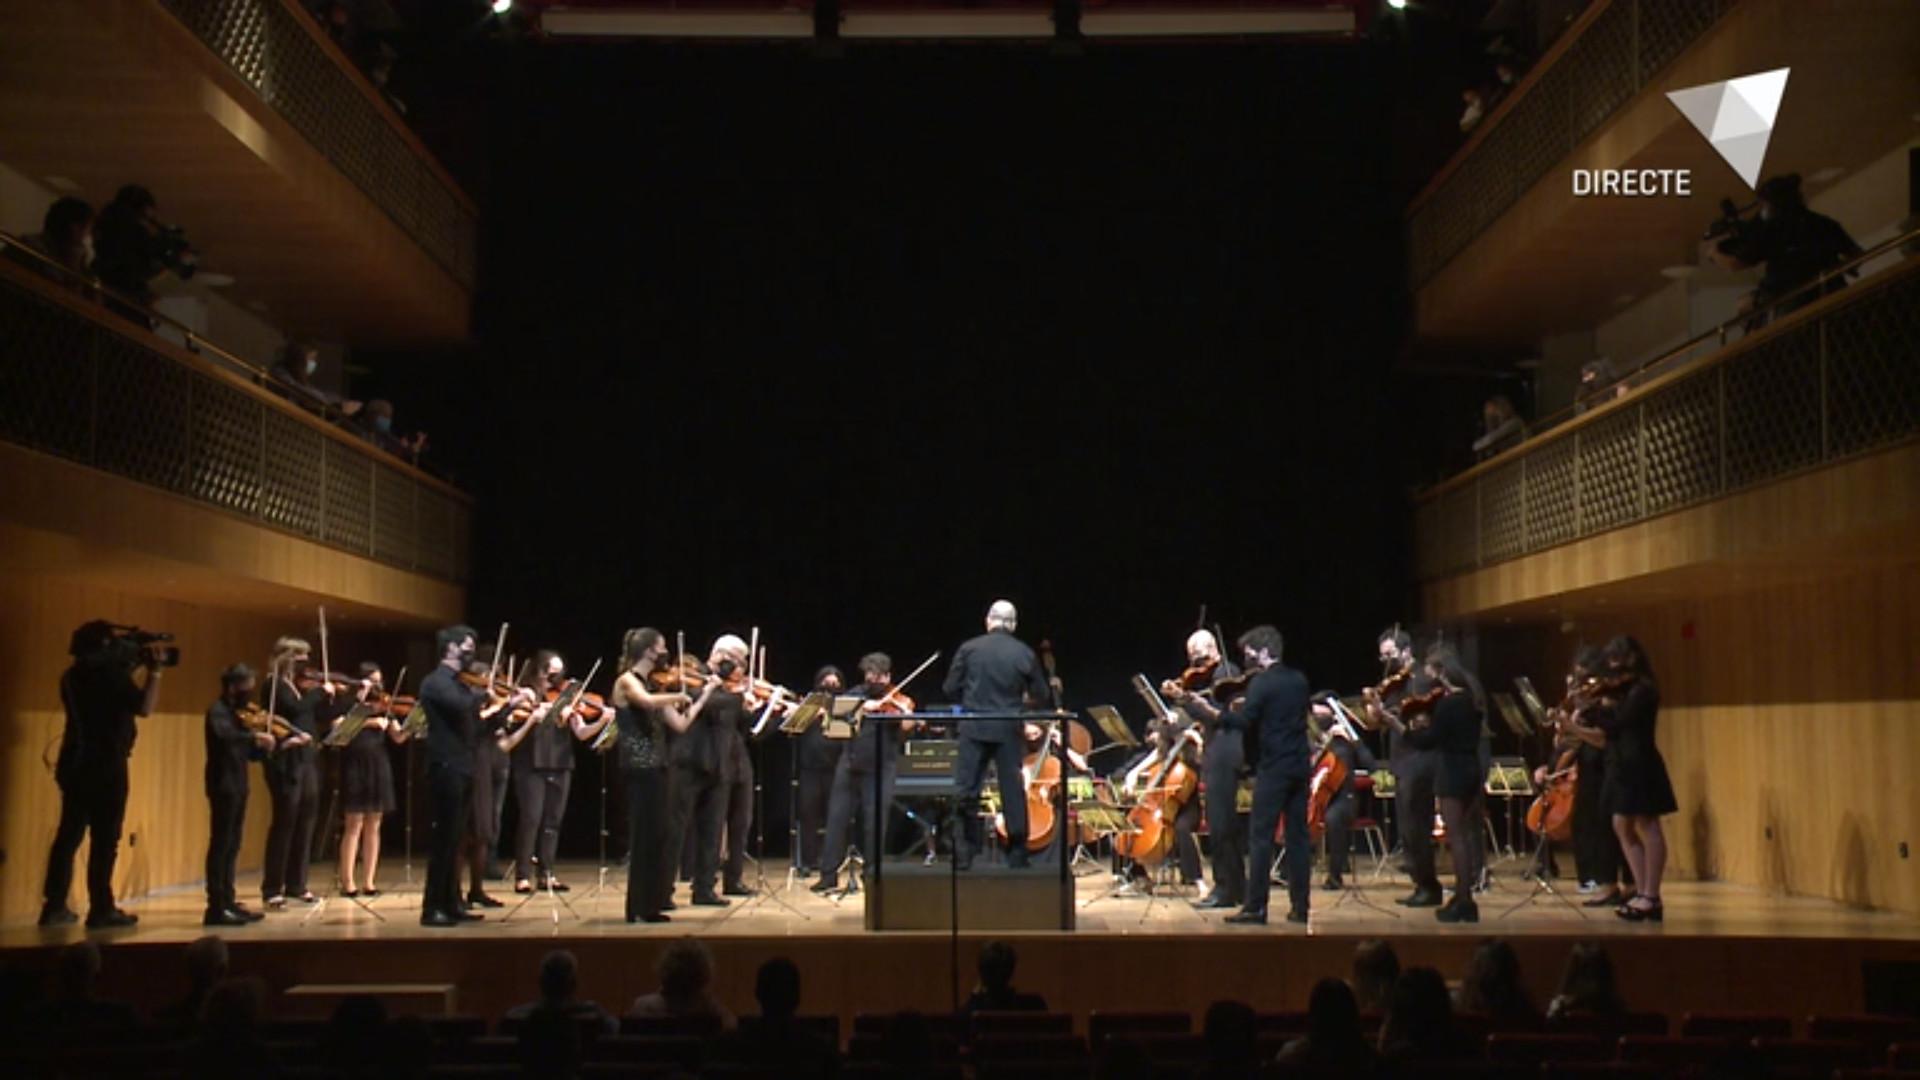 Concert de Meritxell 2020: Innovació i dinamisme